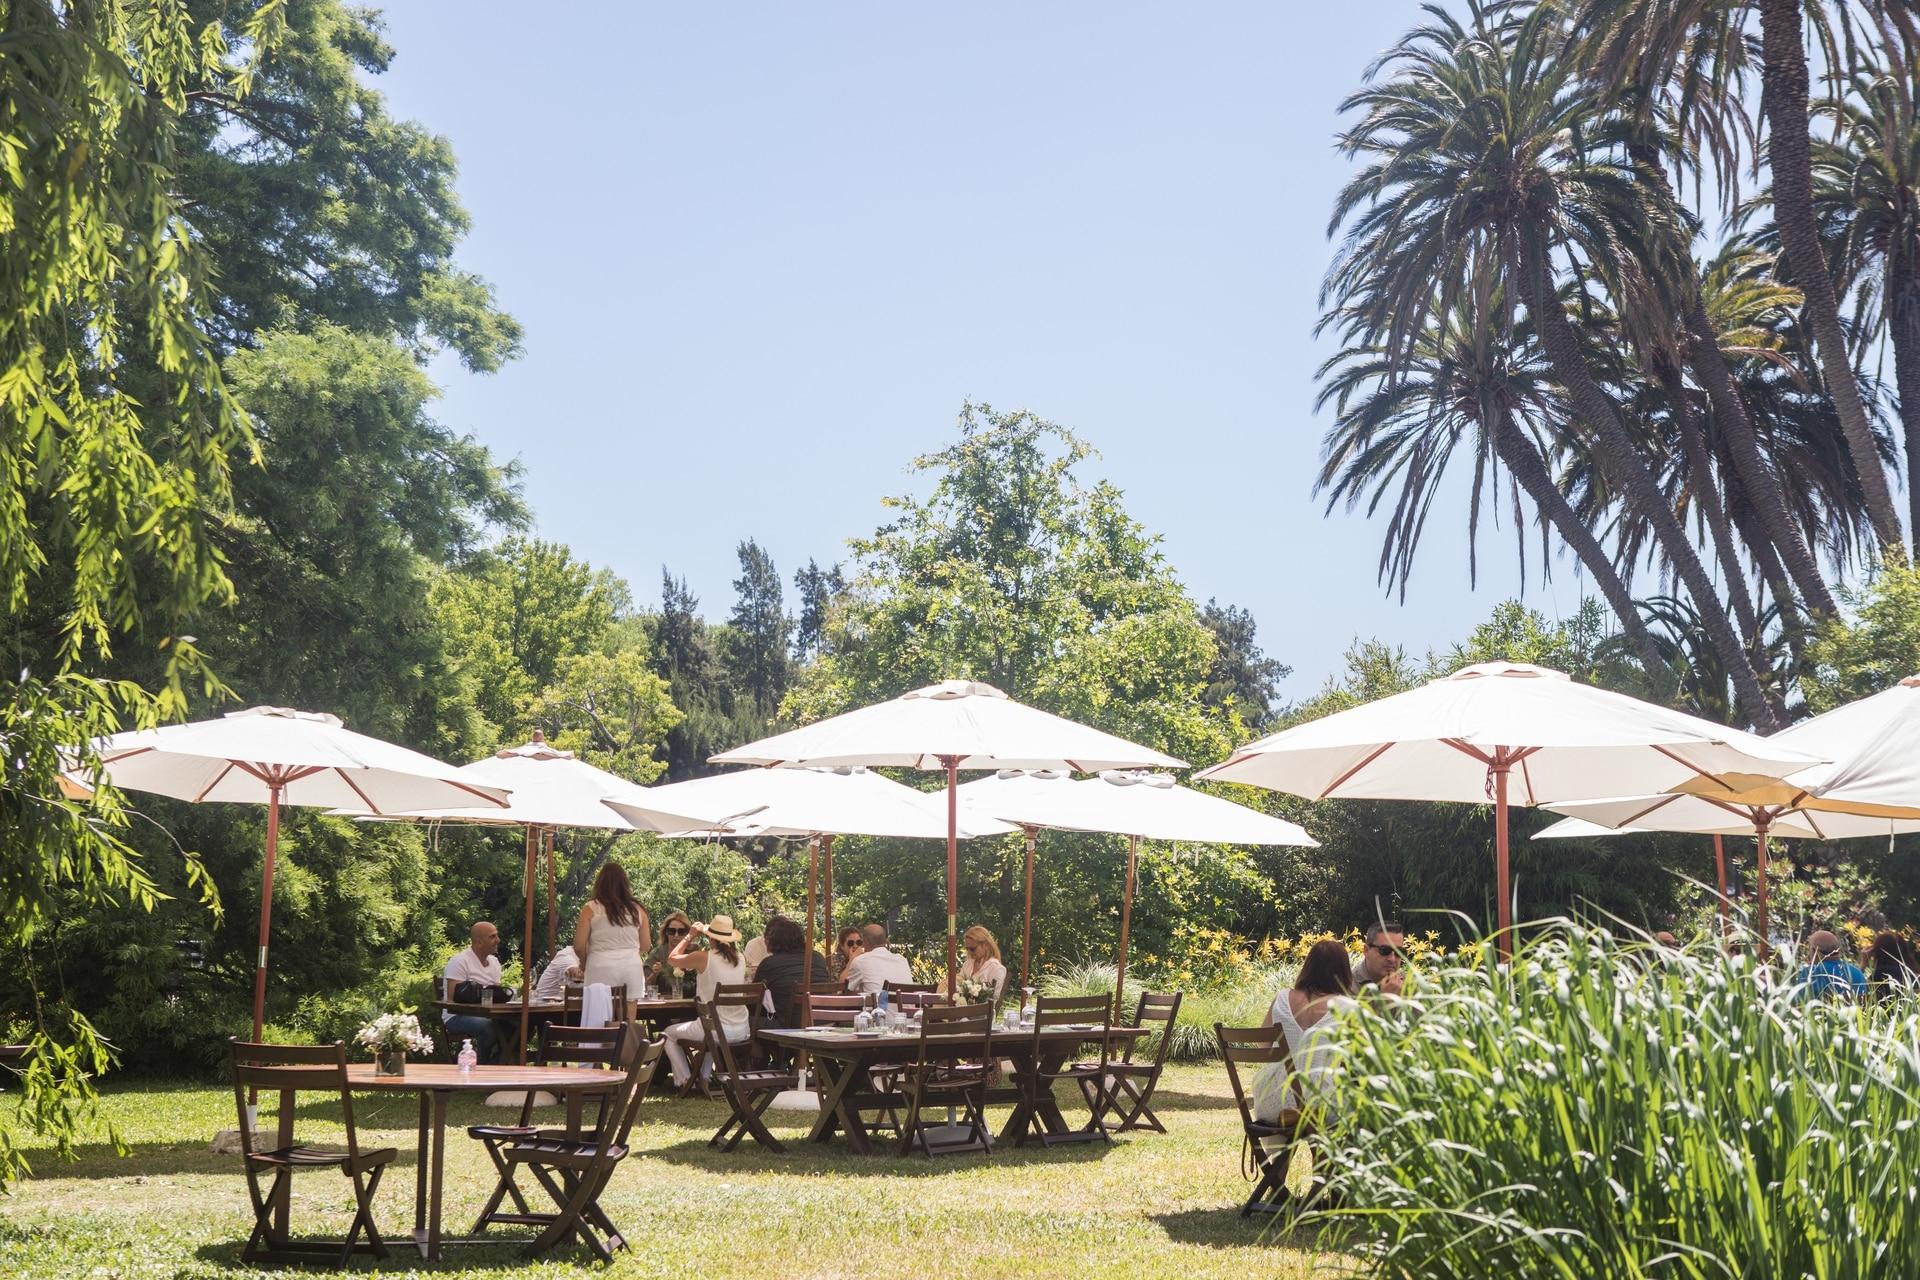 El restaurante, comandado por el chef Daniel Hansen, ideal para un almuerzo rodeado de arte y naturaleza.